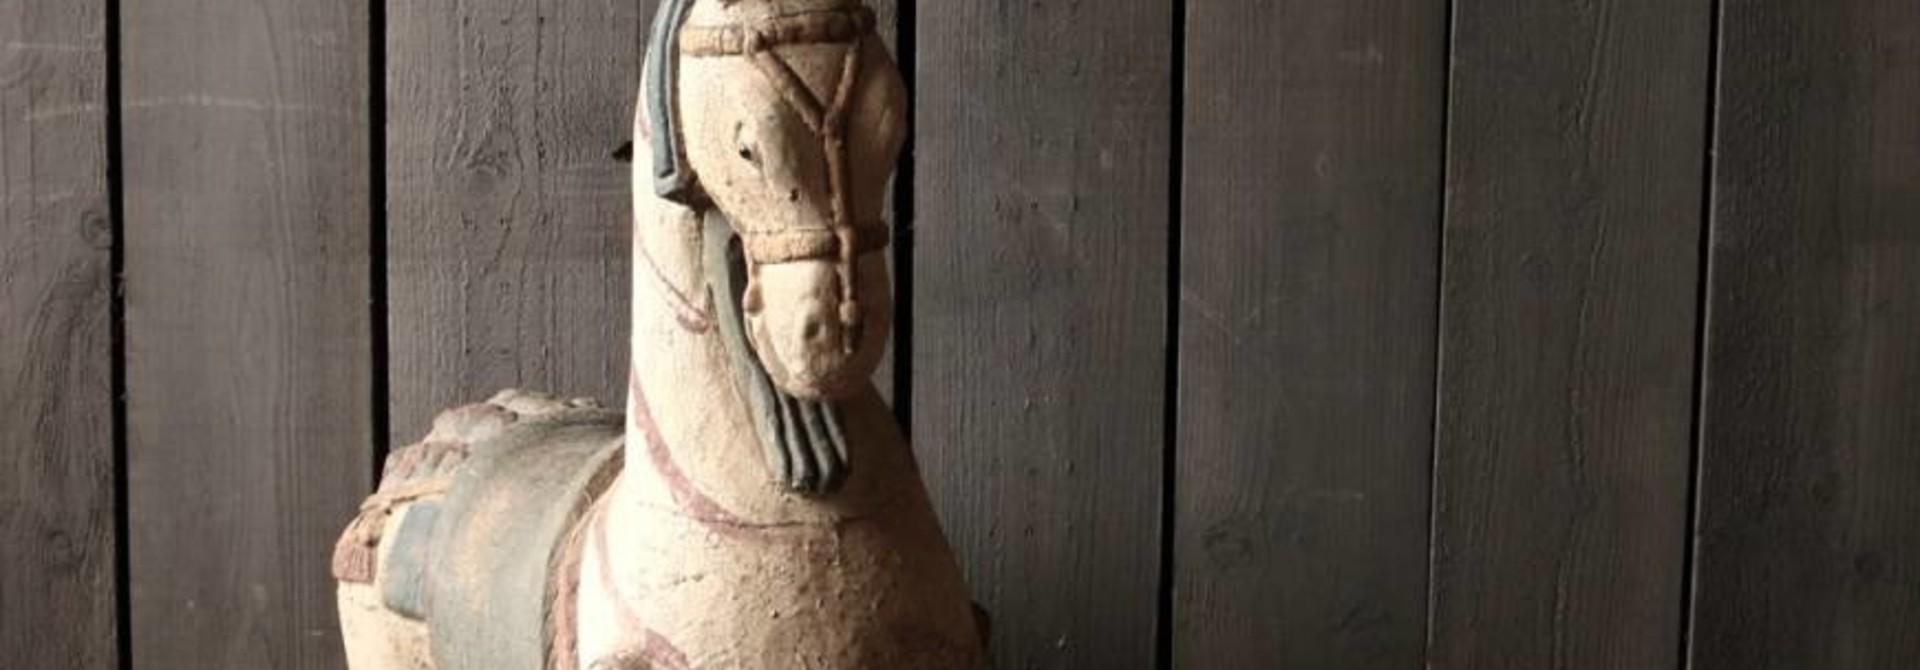 Groot houten paard in vergrijsde kleuren